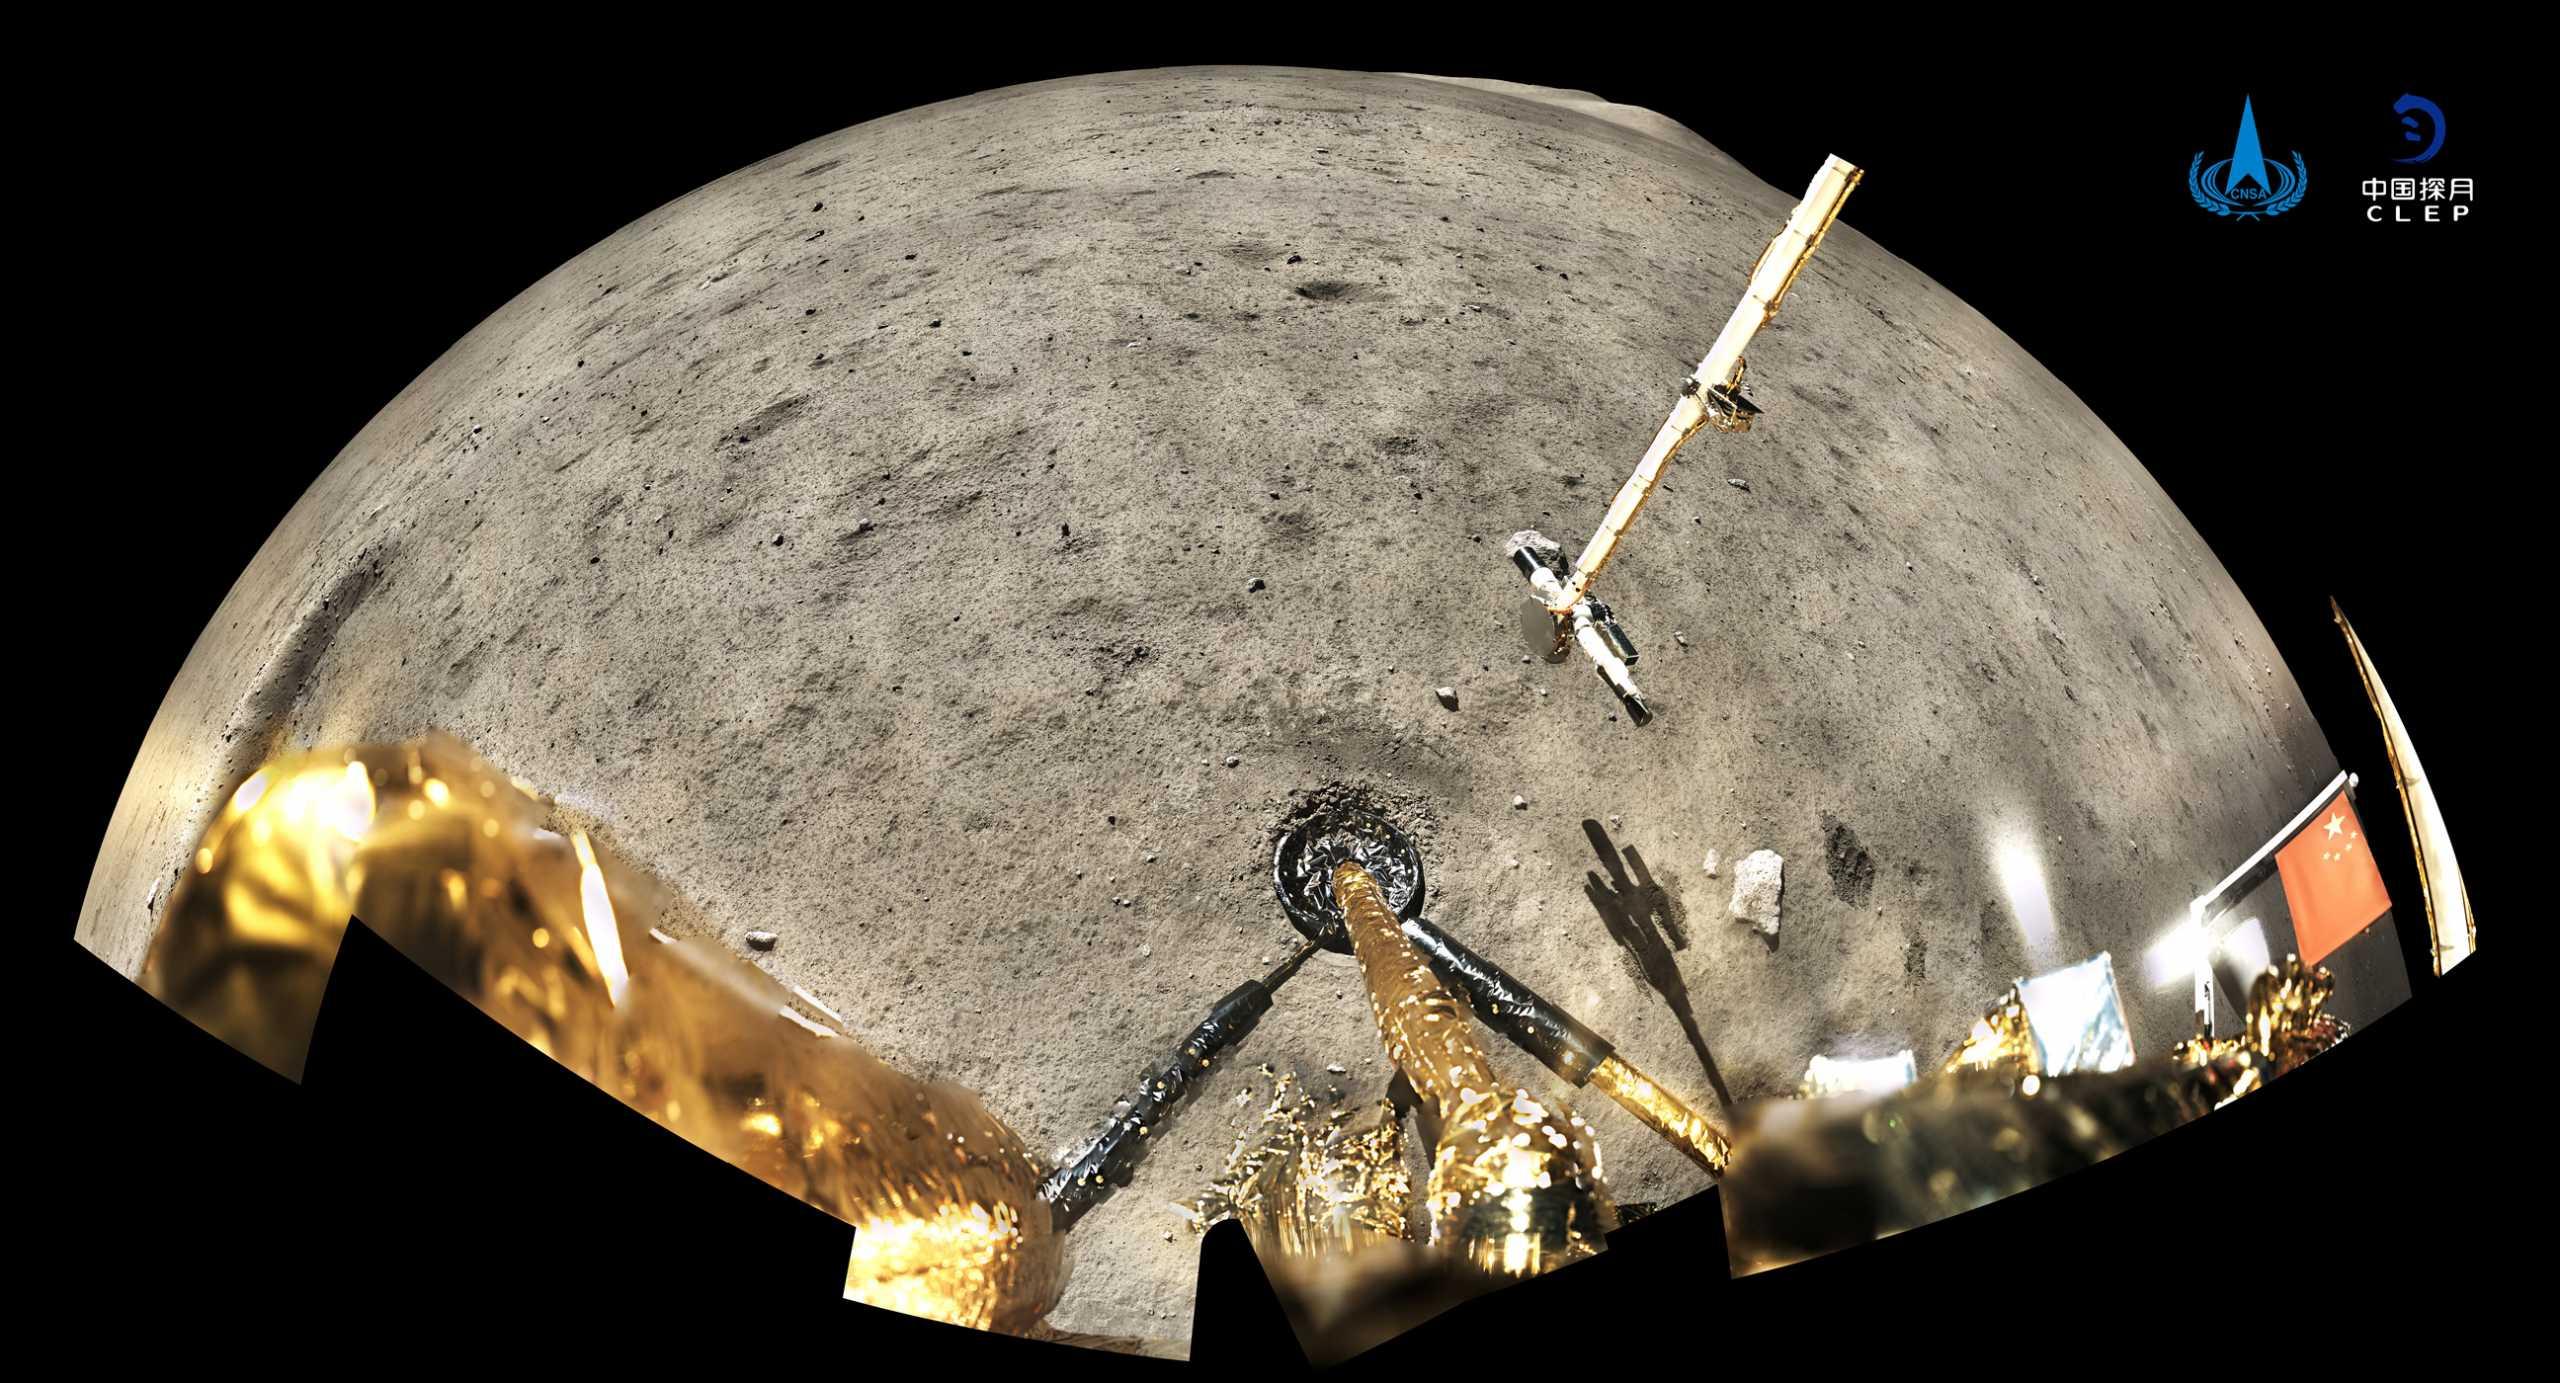 Κίνα: Επέστρεψε το σκάφος που συνέλεξε δείγματα από τη Σελήνη